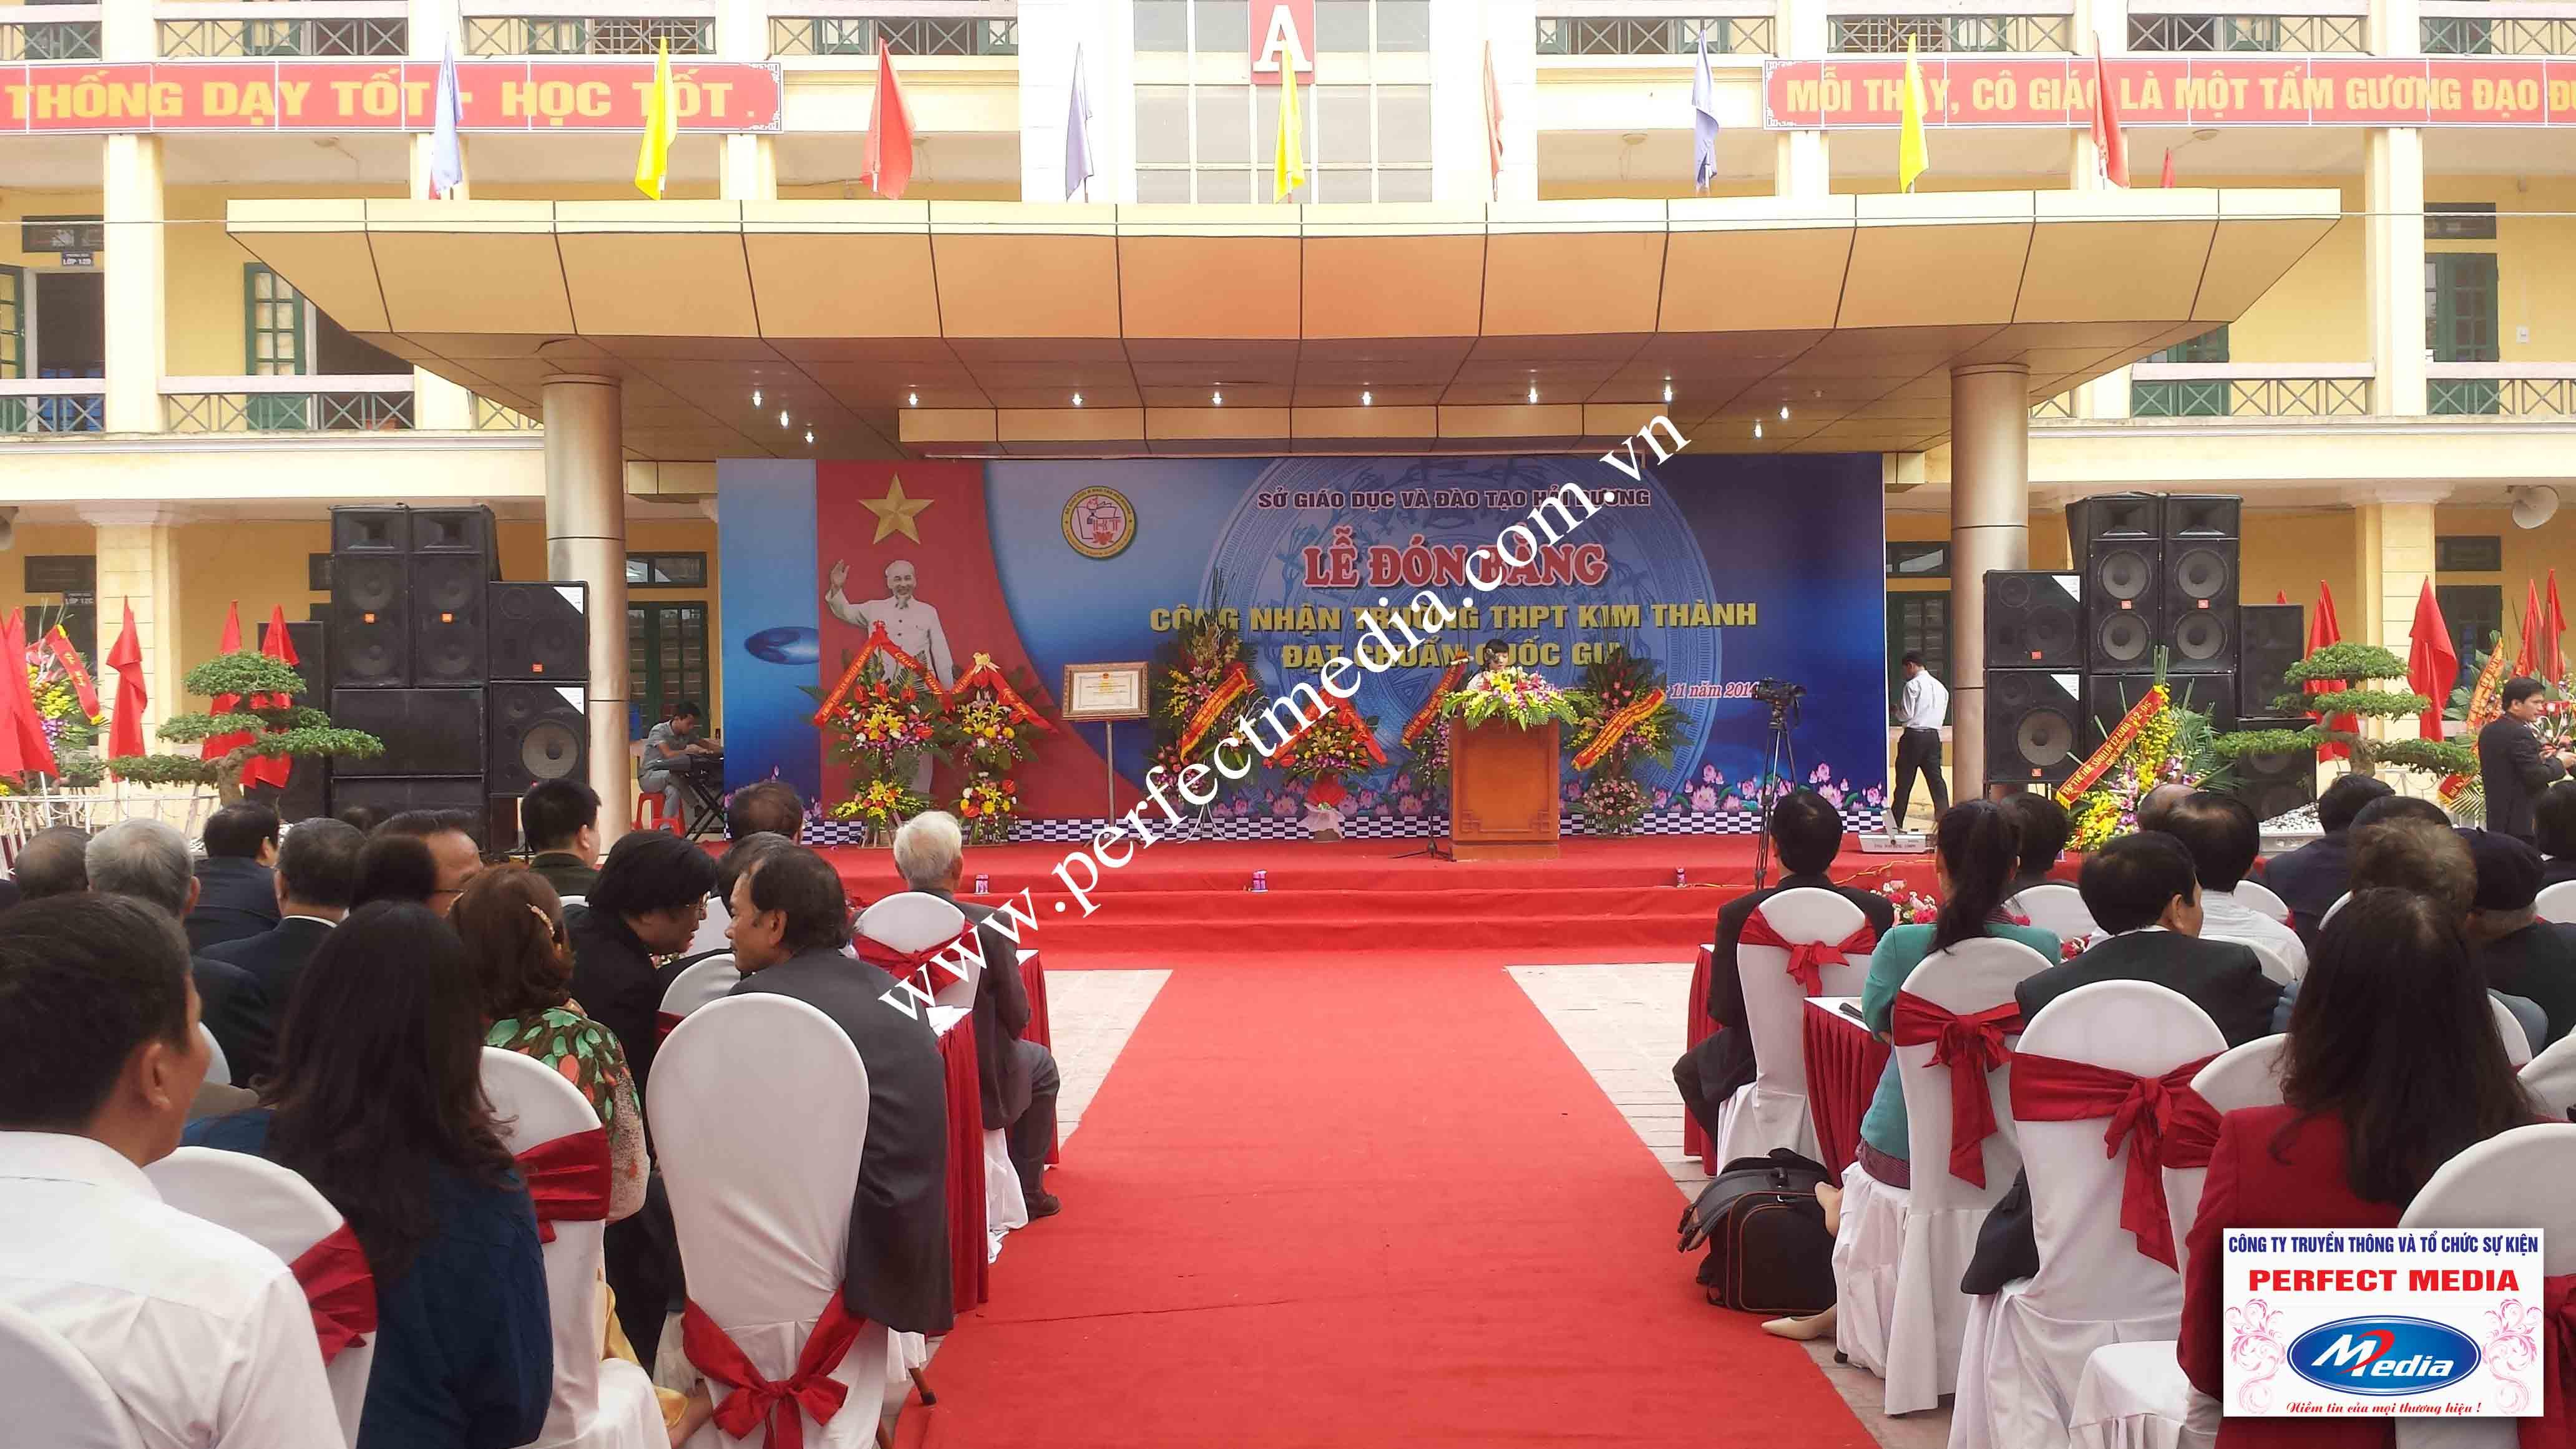 Hình ảnh buổi lễ Trường THPT Kim Thành được công nhận đạt chuẩn Quốc Gia 11